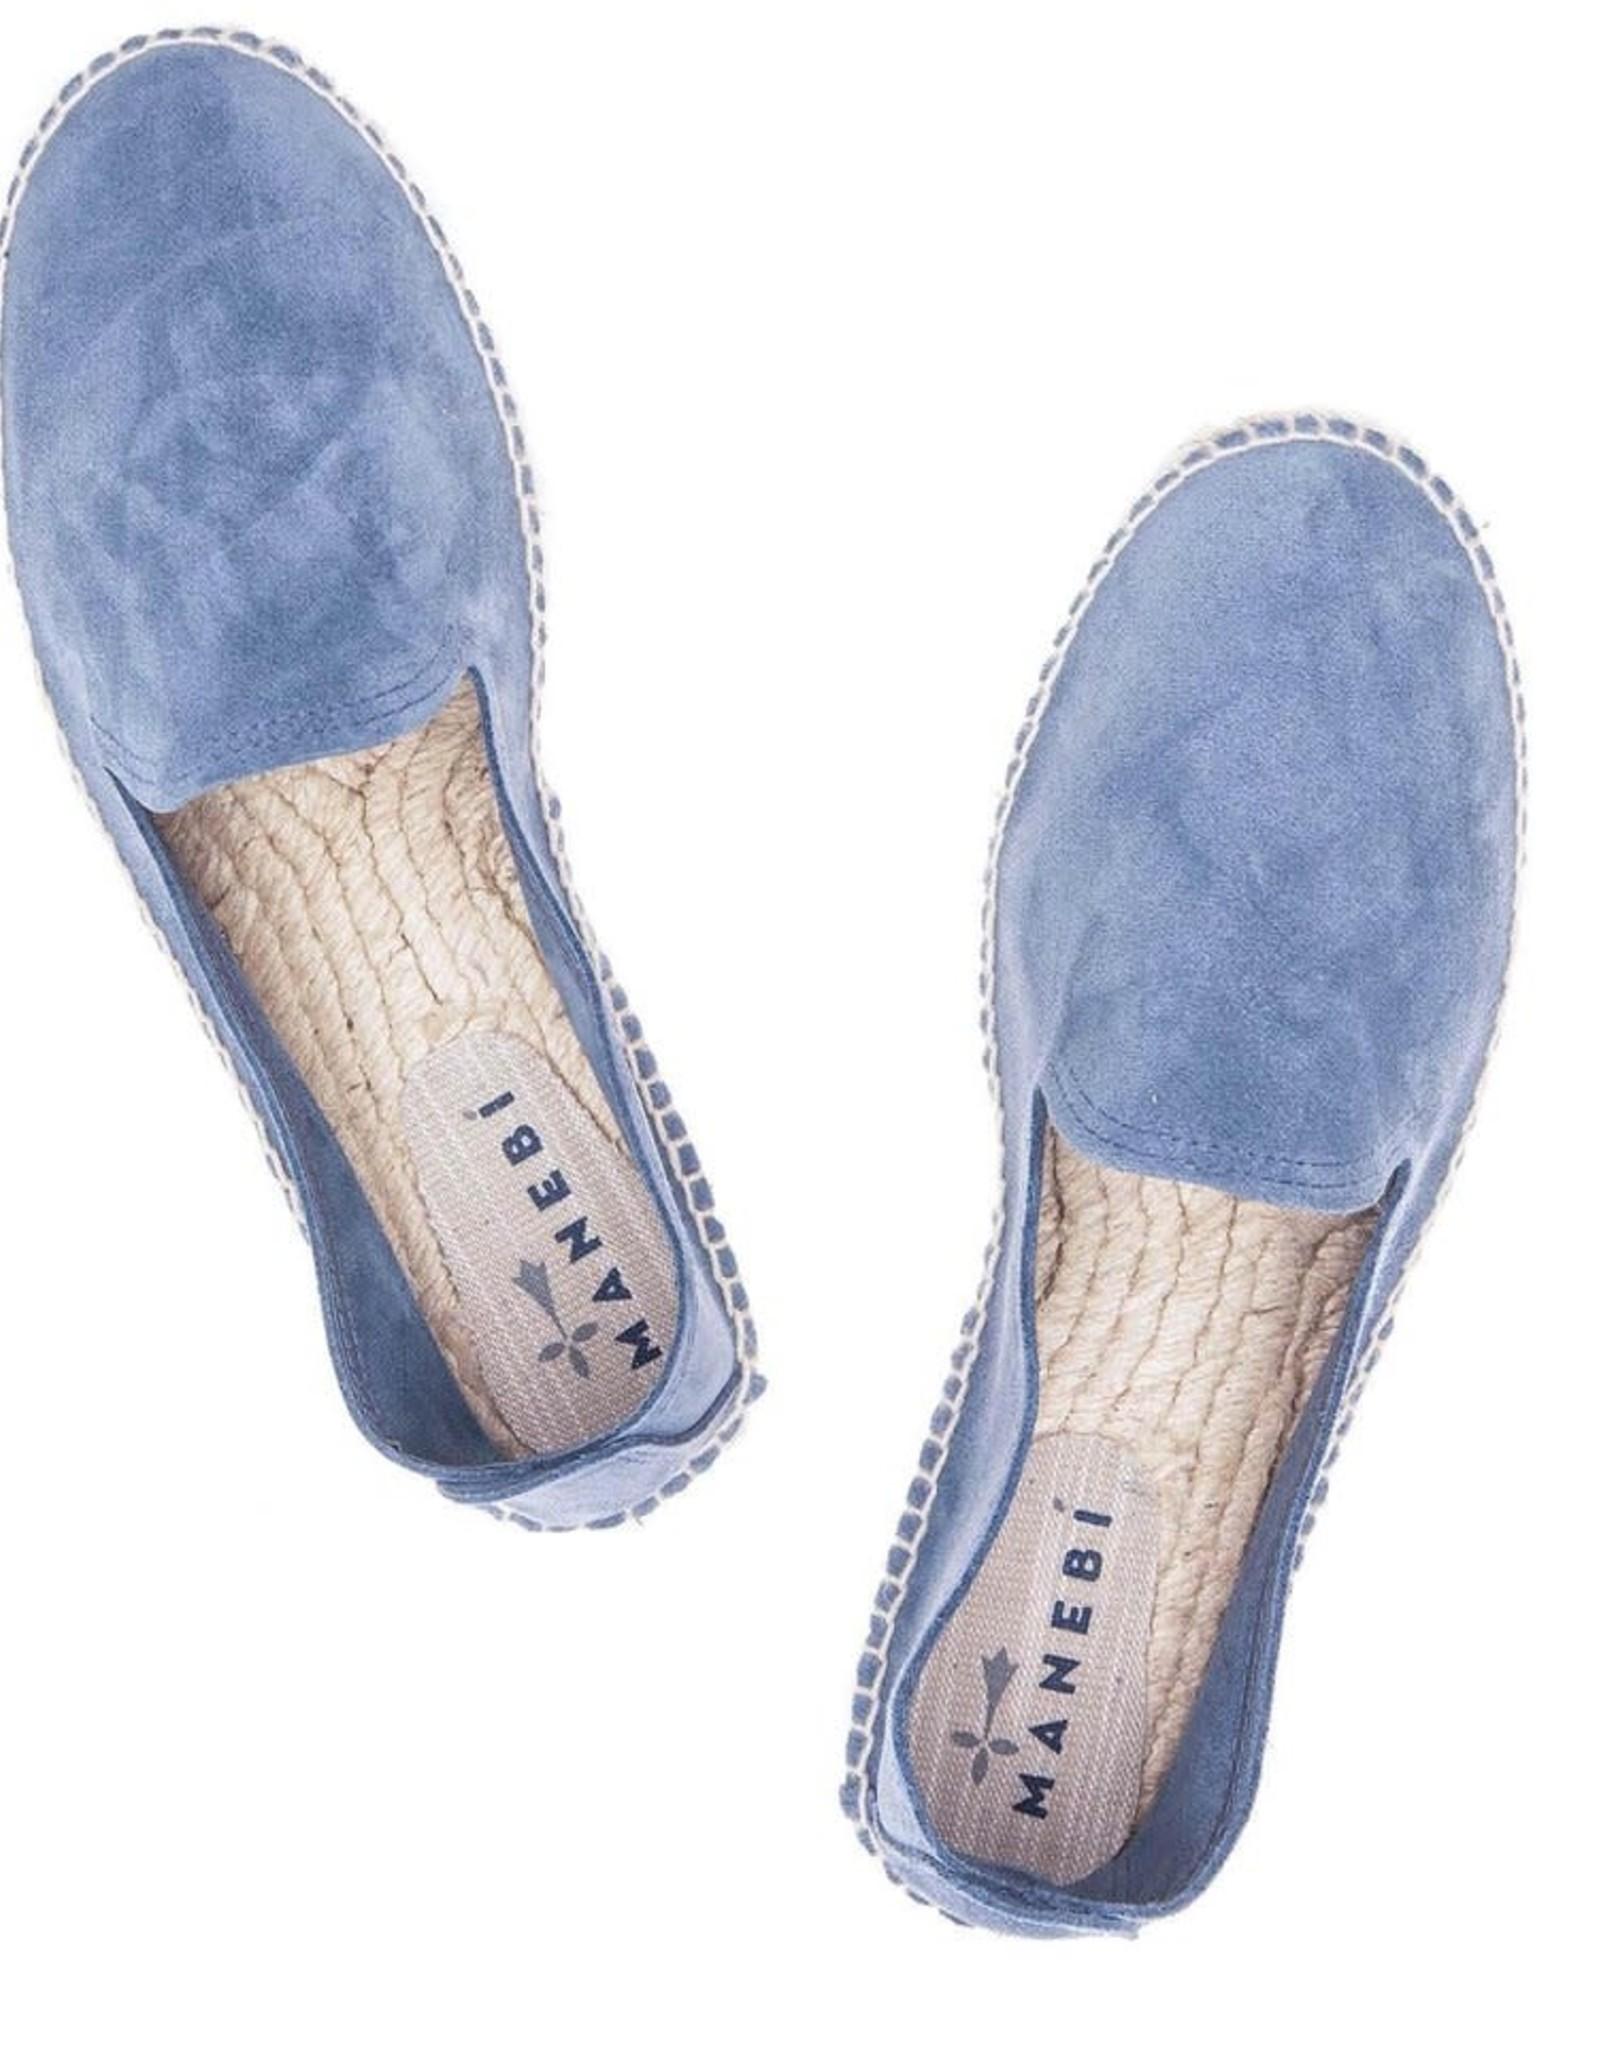 MANEBI Espadrilles - Hamptons - Jeans